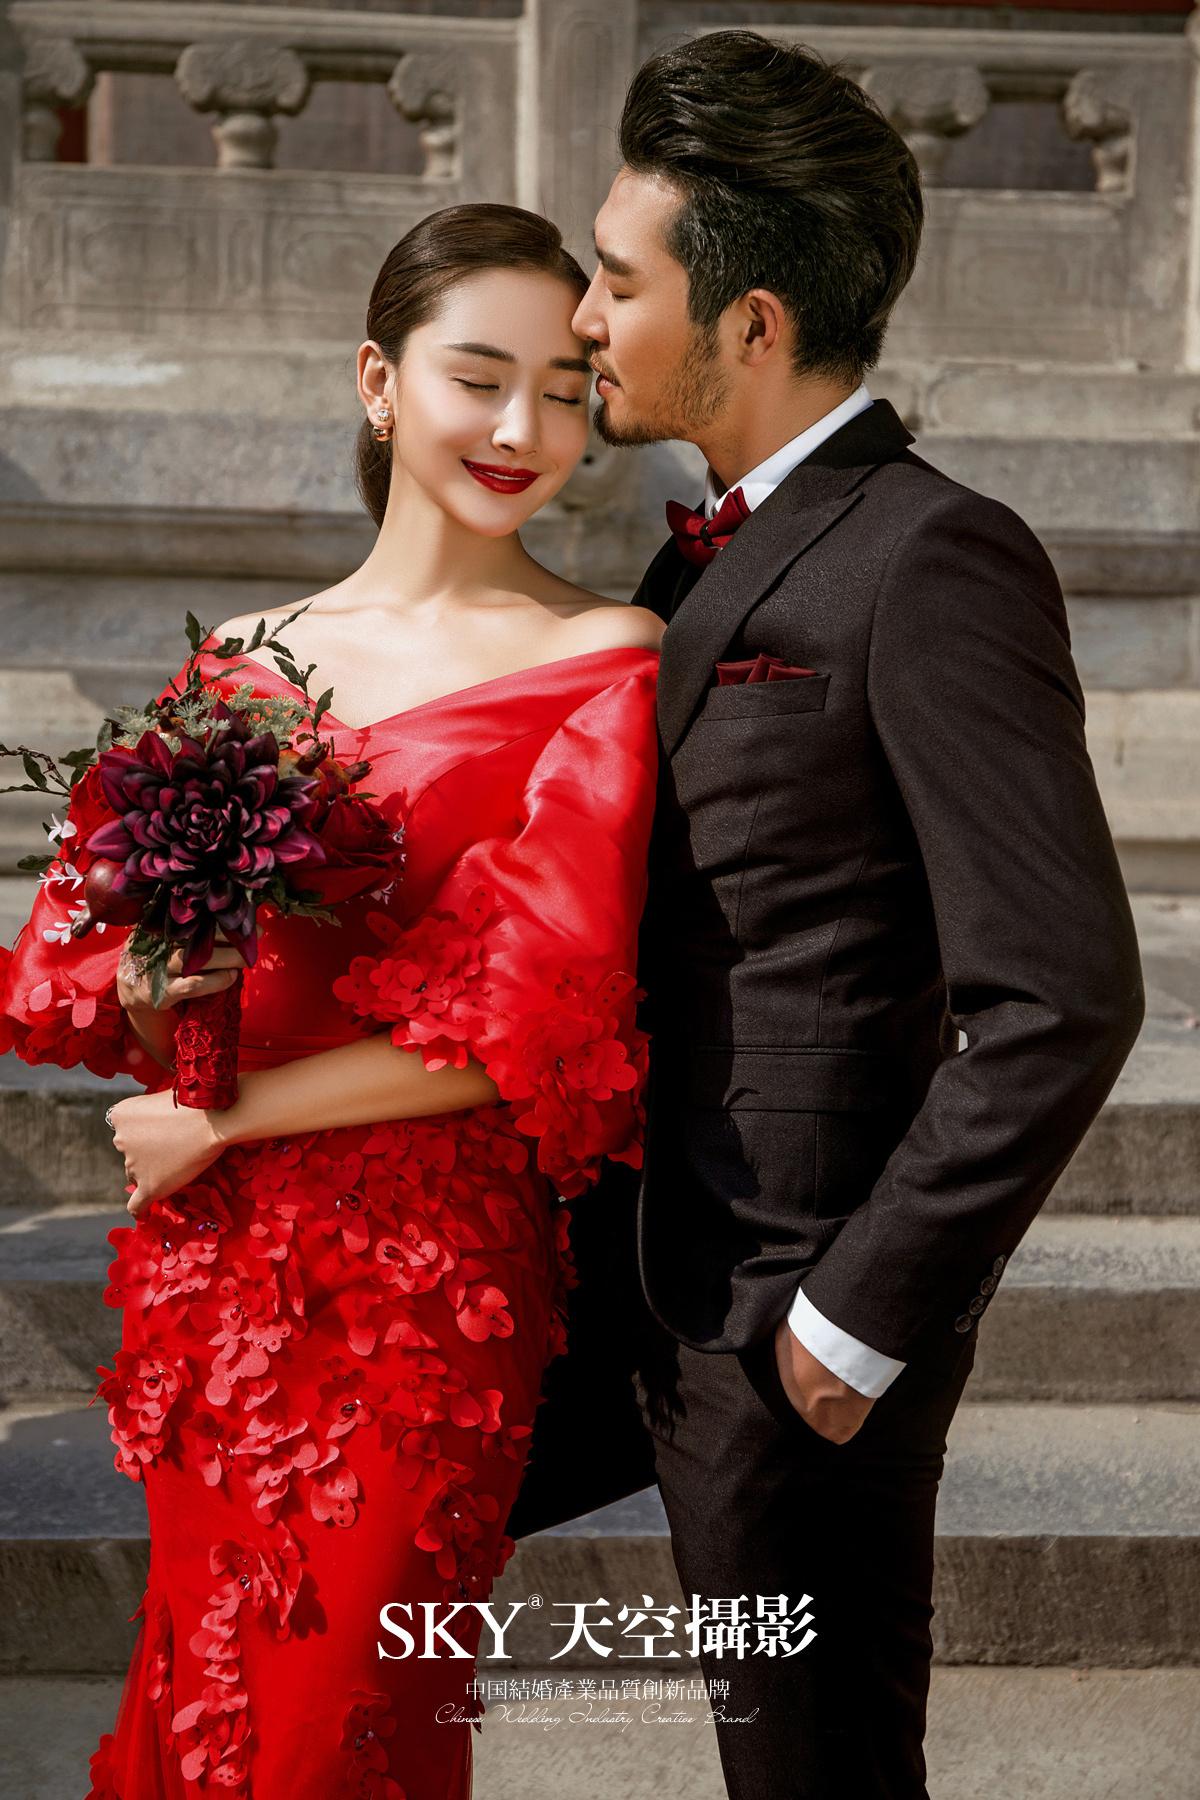 新娘婚礼妆容怎么做 新娘脱妆补救小技巧有哪些